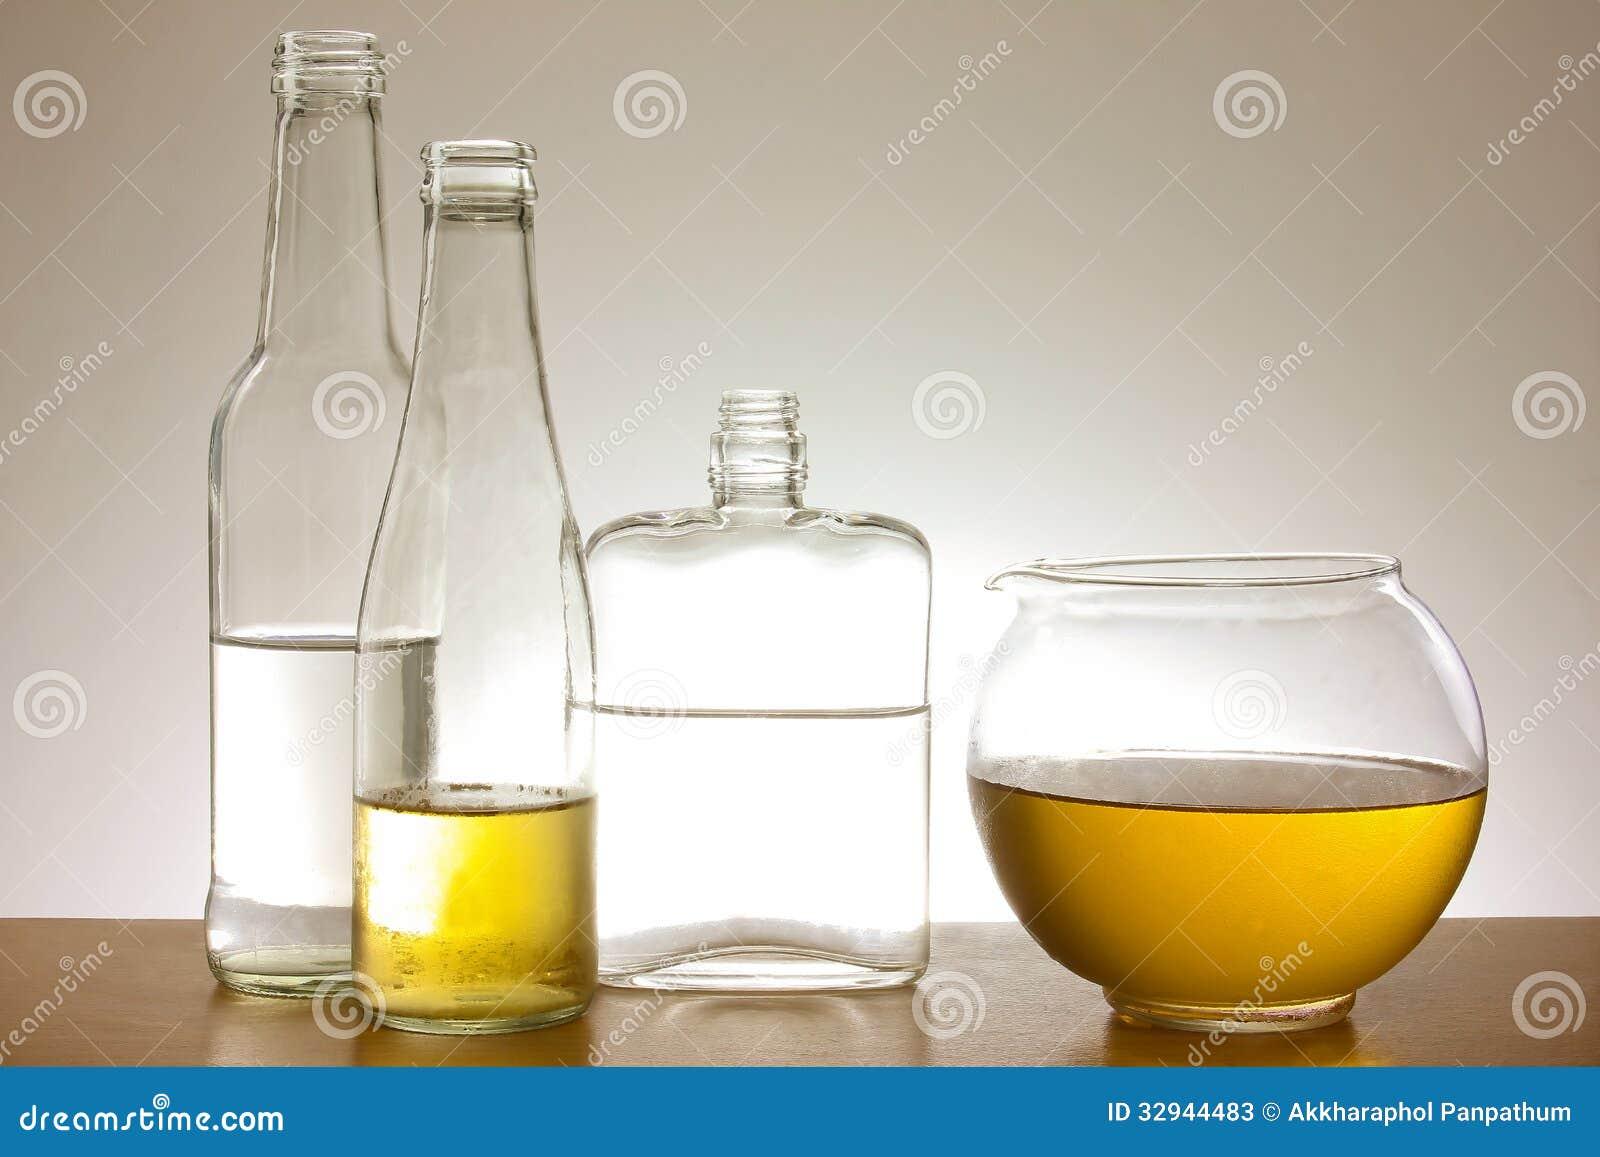 玻璃瓶汇集